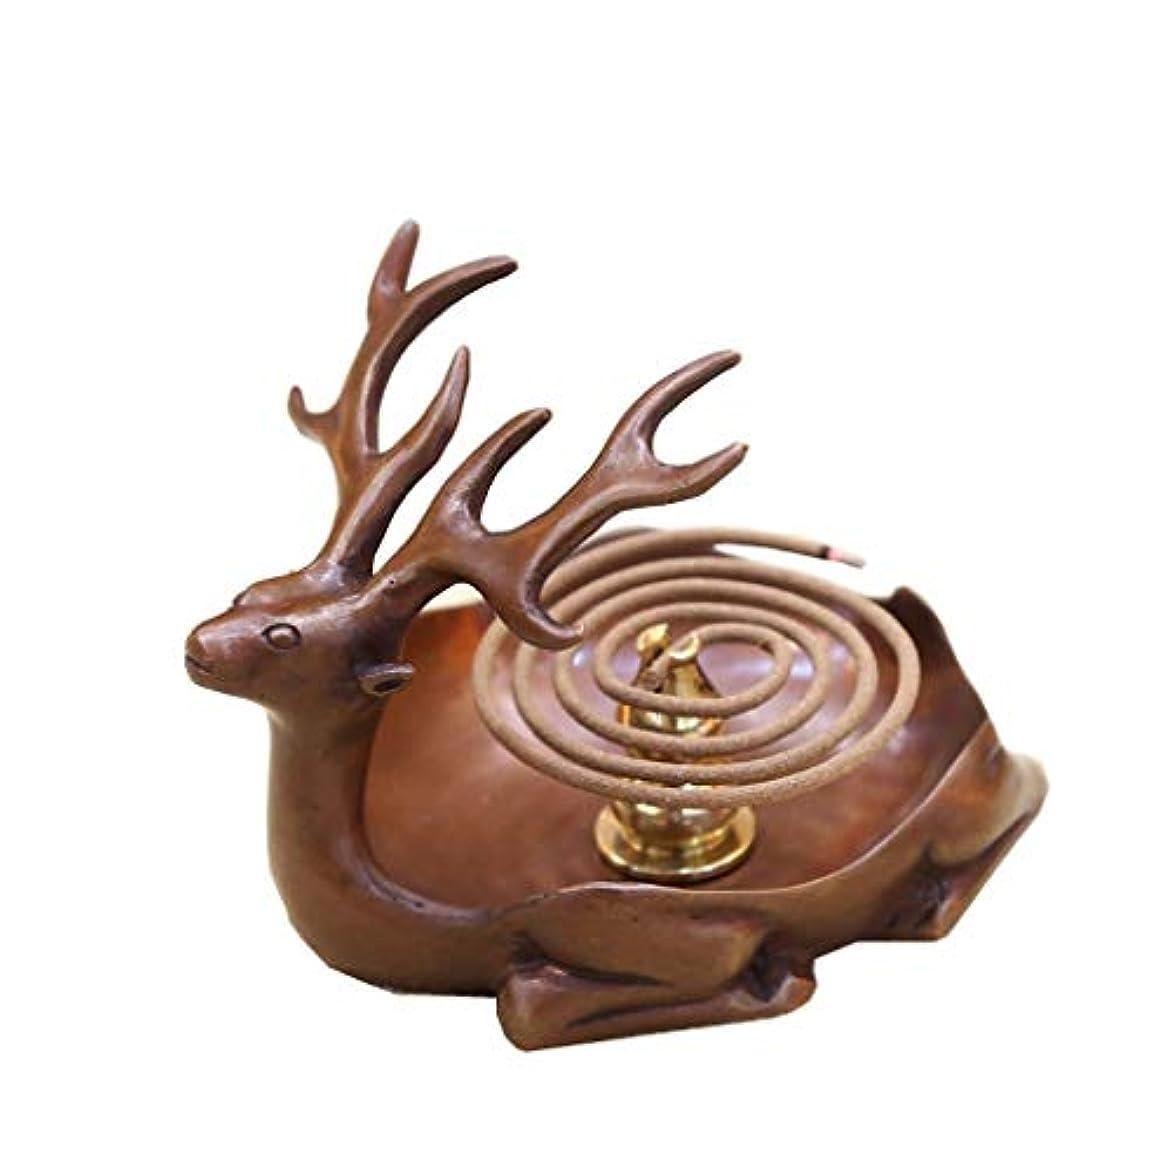 交流する忘れられない遺棄されたホームアロマバーナー 純粋な銅アンティーク子鹿香バーナーホーム屋内香ビャクダン茶セレモニー香バーナー装飾 アロマバーナー (Color : Brown)